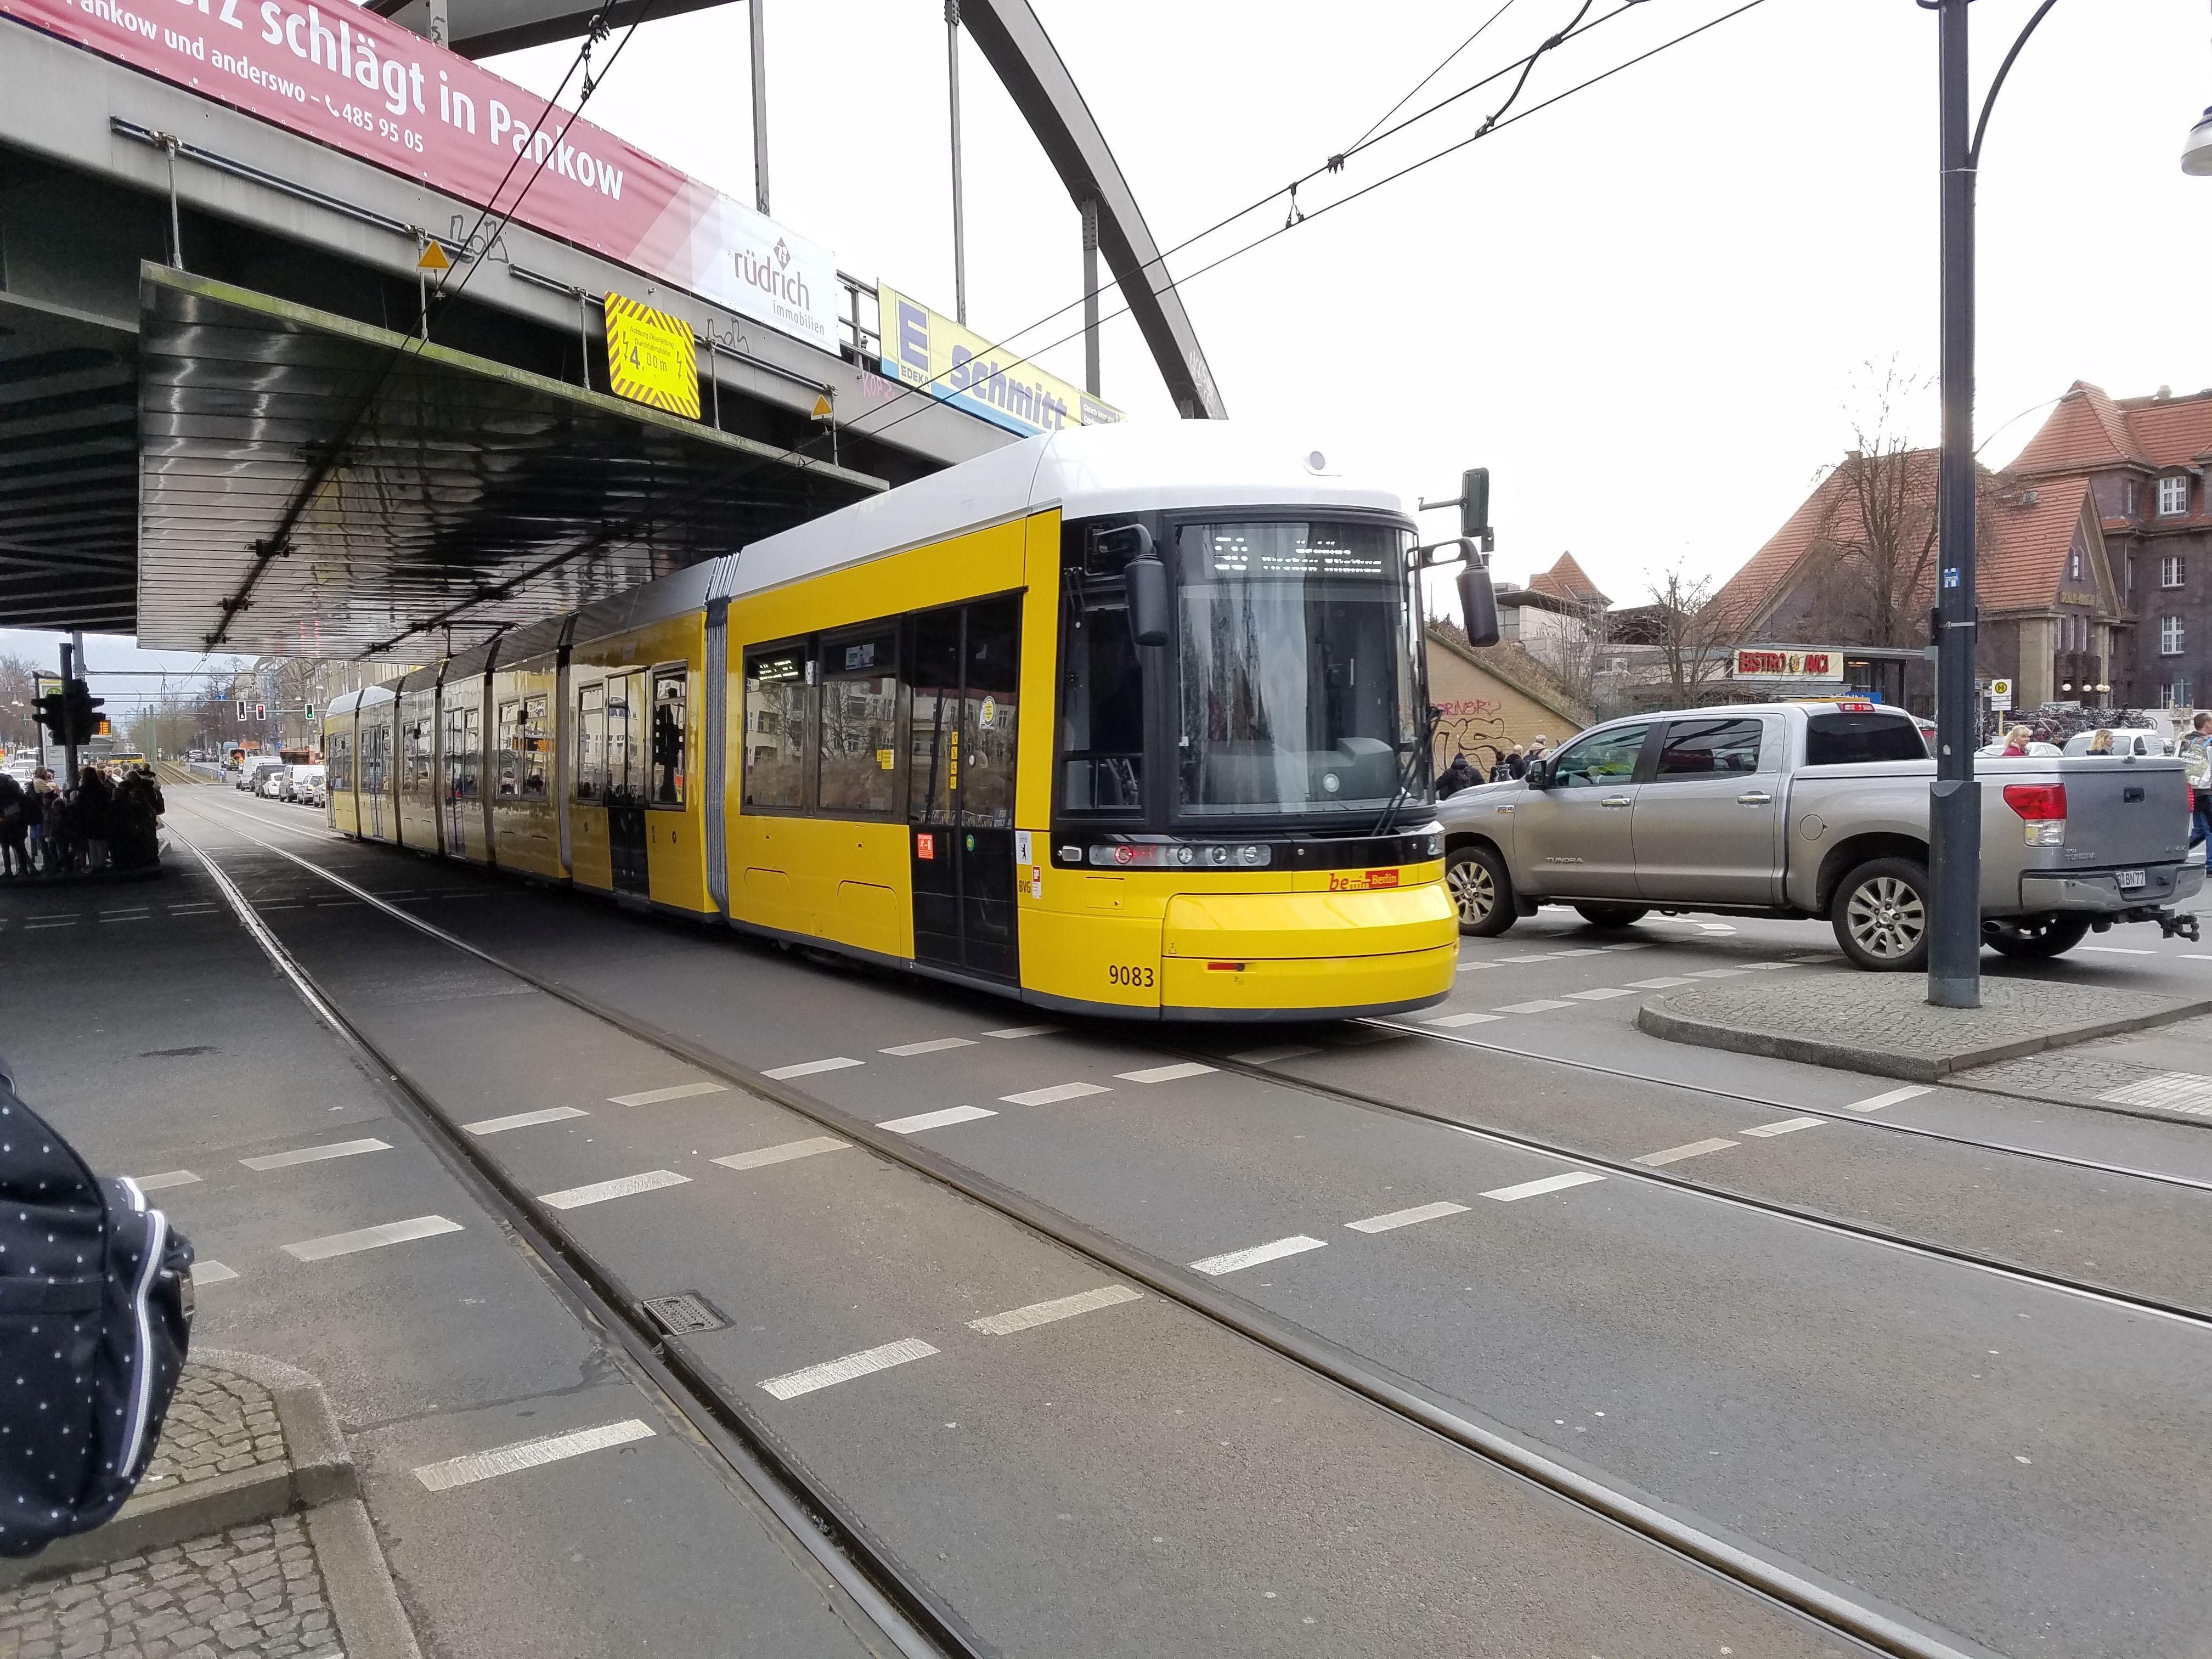 Foto: Straßenbahn 9083, Typ Flexity ZRL, Pankow, März 2018